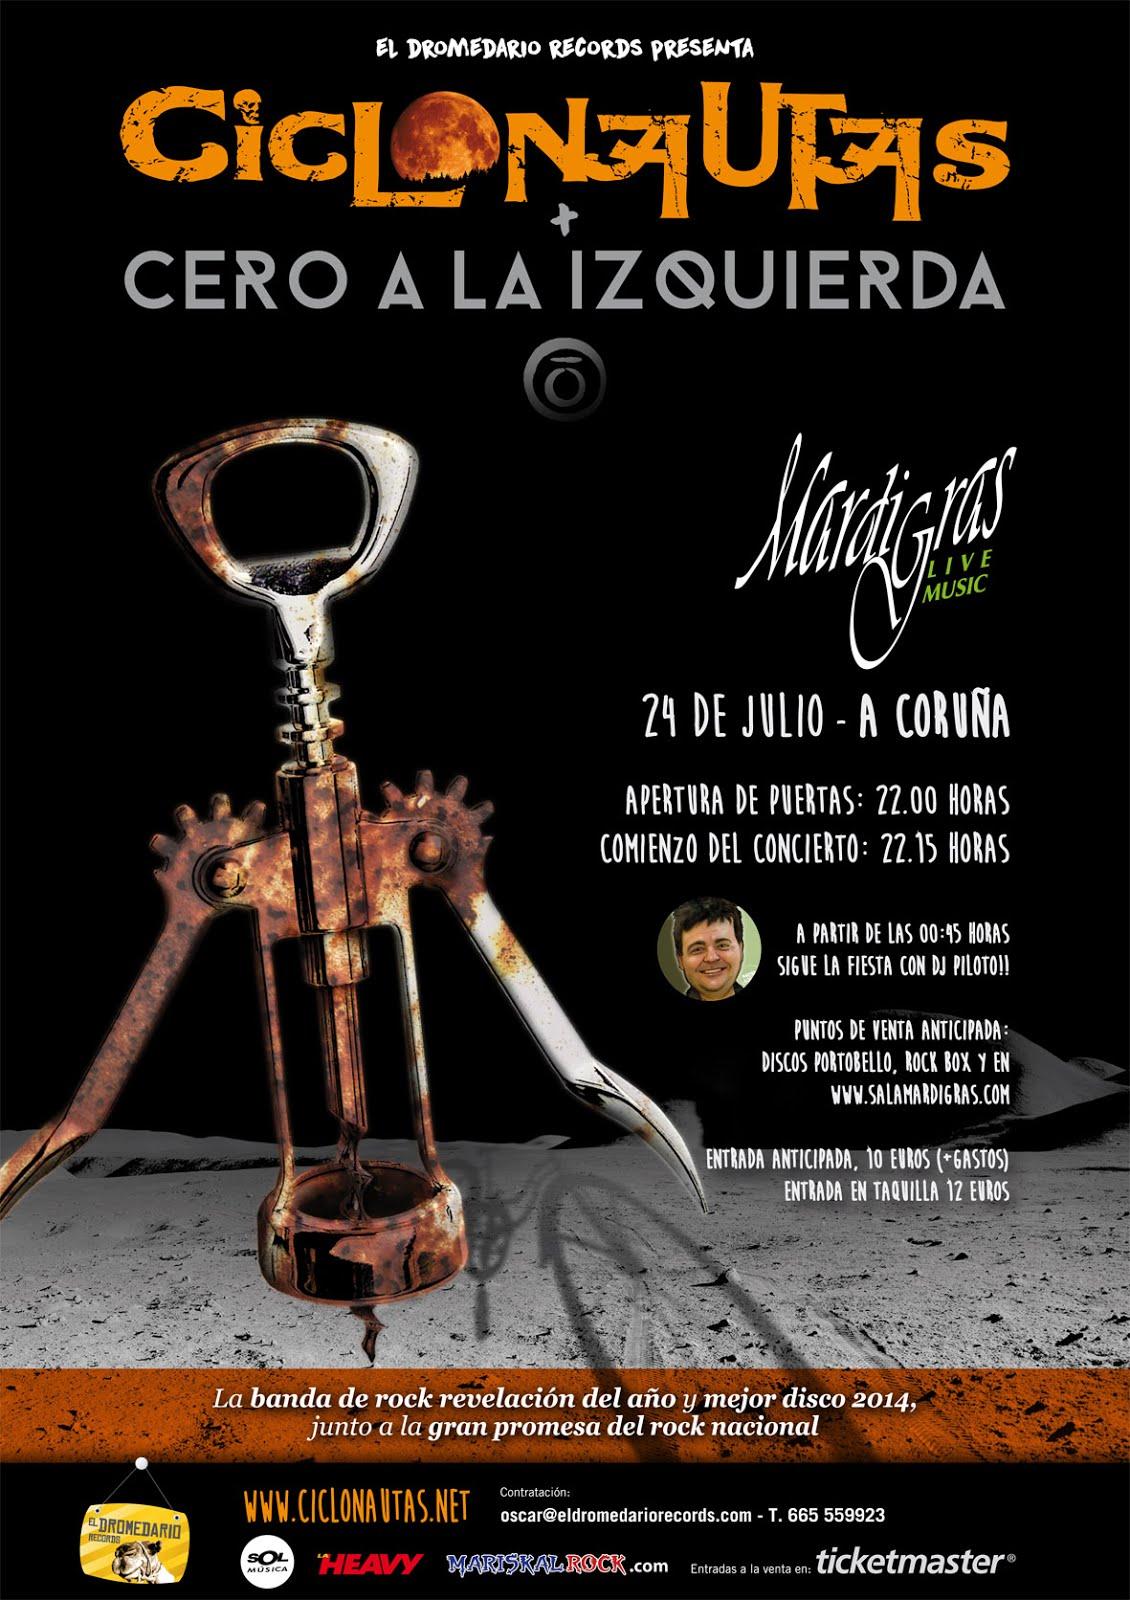 CICLONAUTAS & CERO A LA IZQUIERDA Y DJ PILOTO POR PRIMERA VEZ EN GALICIA!!